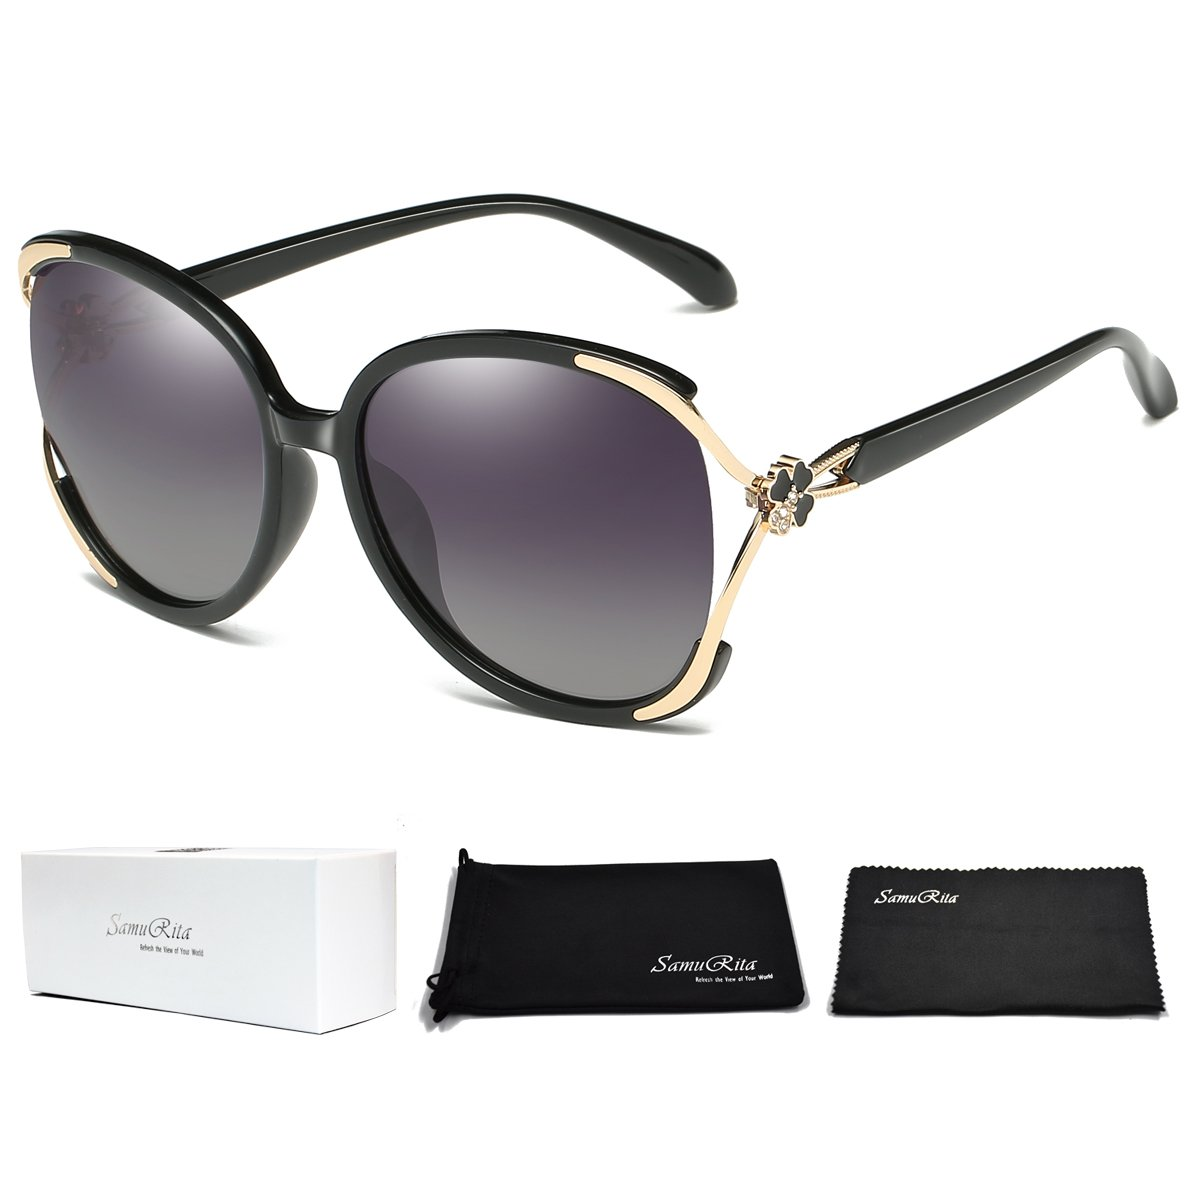 8af115b2d Amazon.com: SamuRita Clover Crystal Polarized Sunglasses Retro Eyewear  Oversized Eyeglasses(Black): Clothing